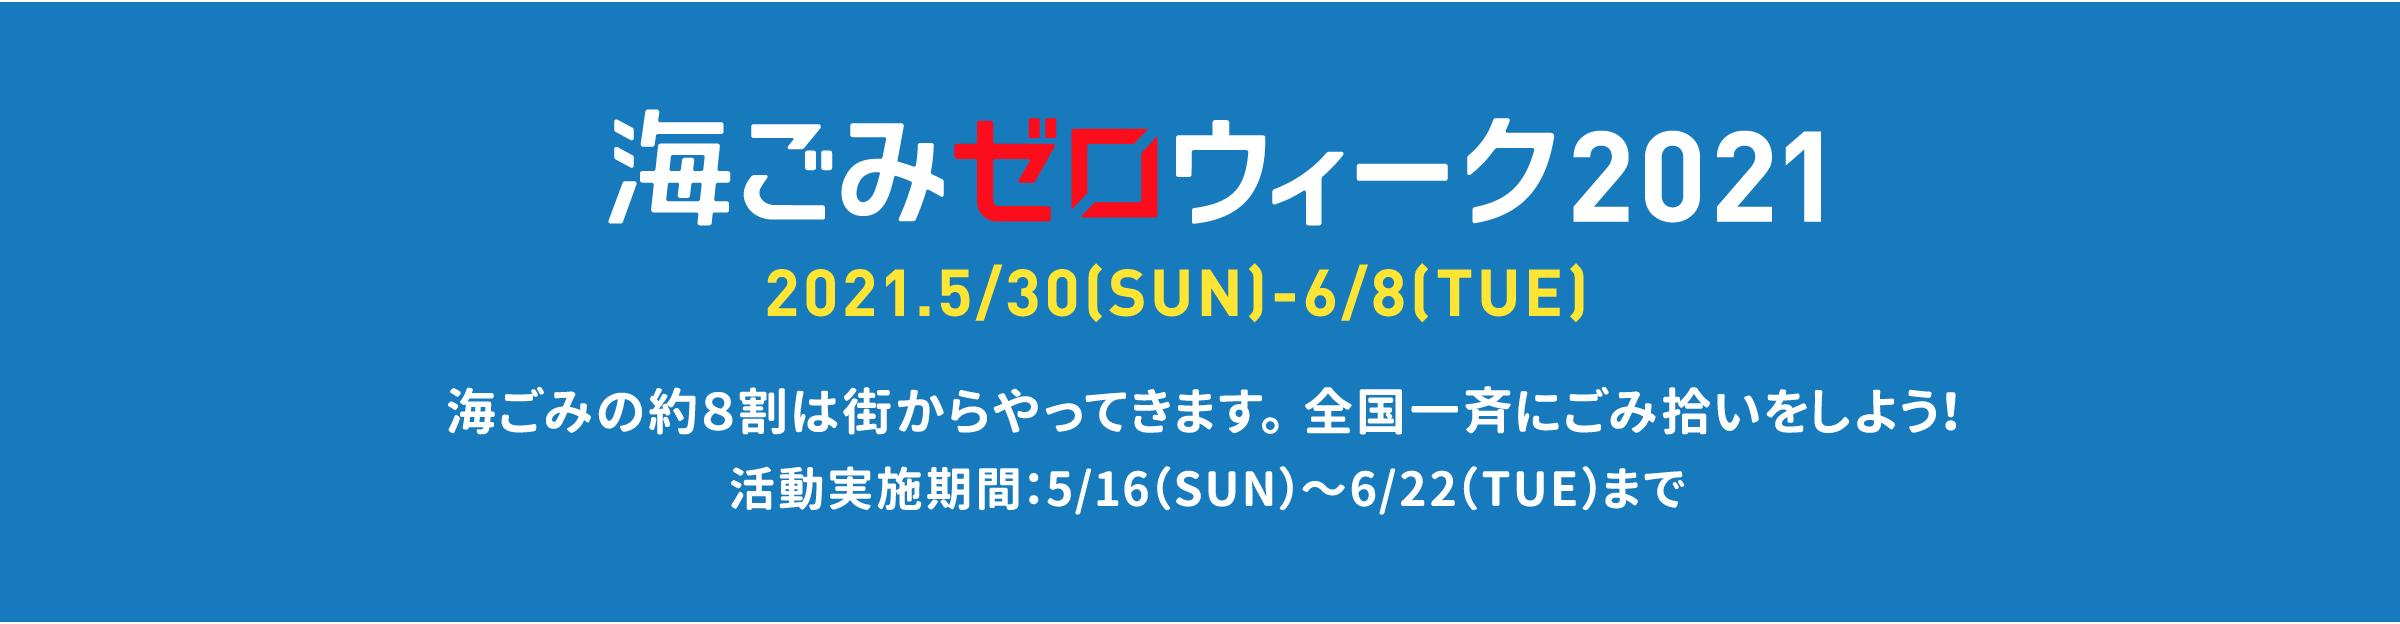 スクリーンショット 2021-06-01 15.30.42